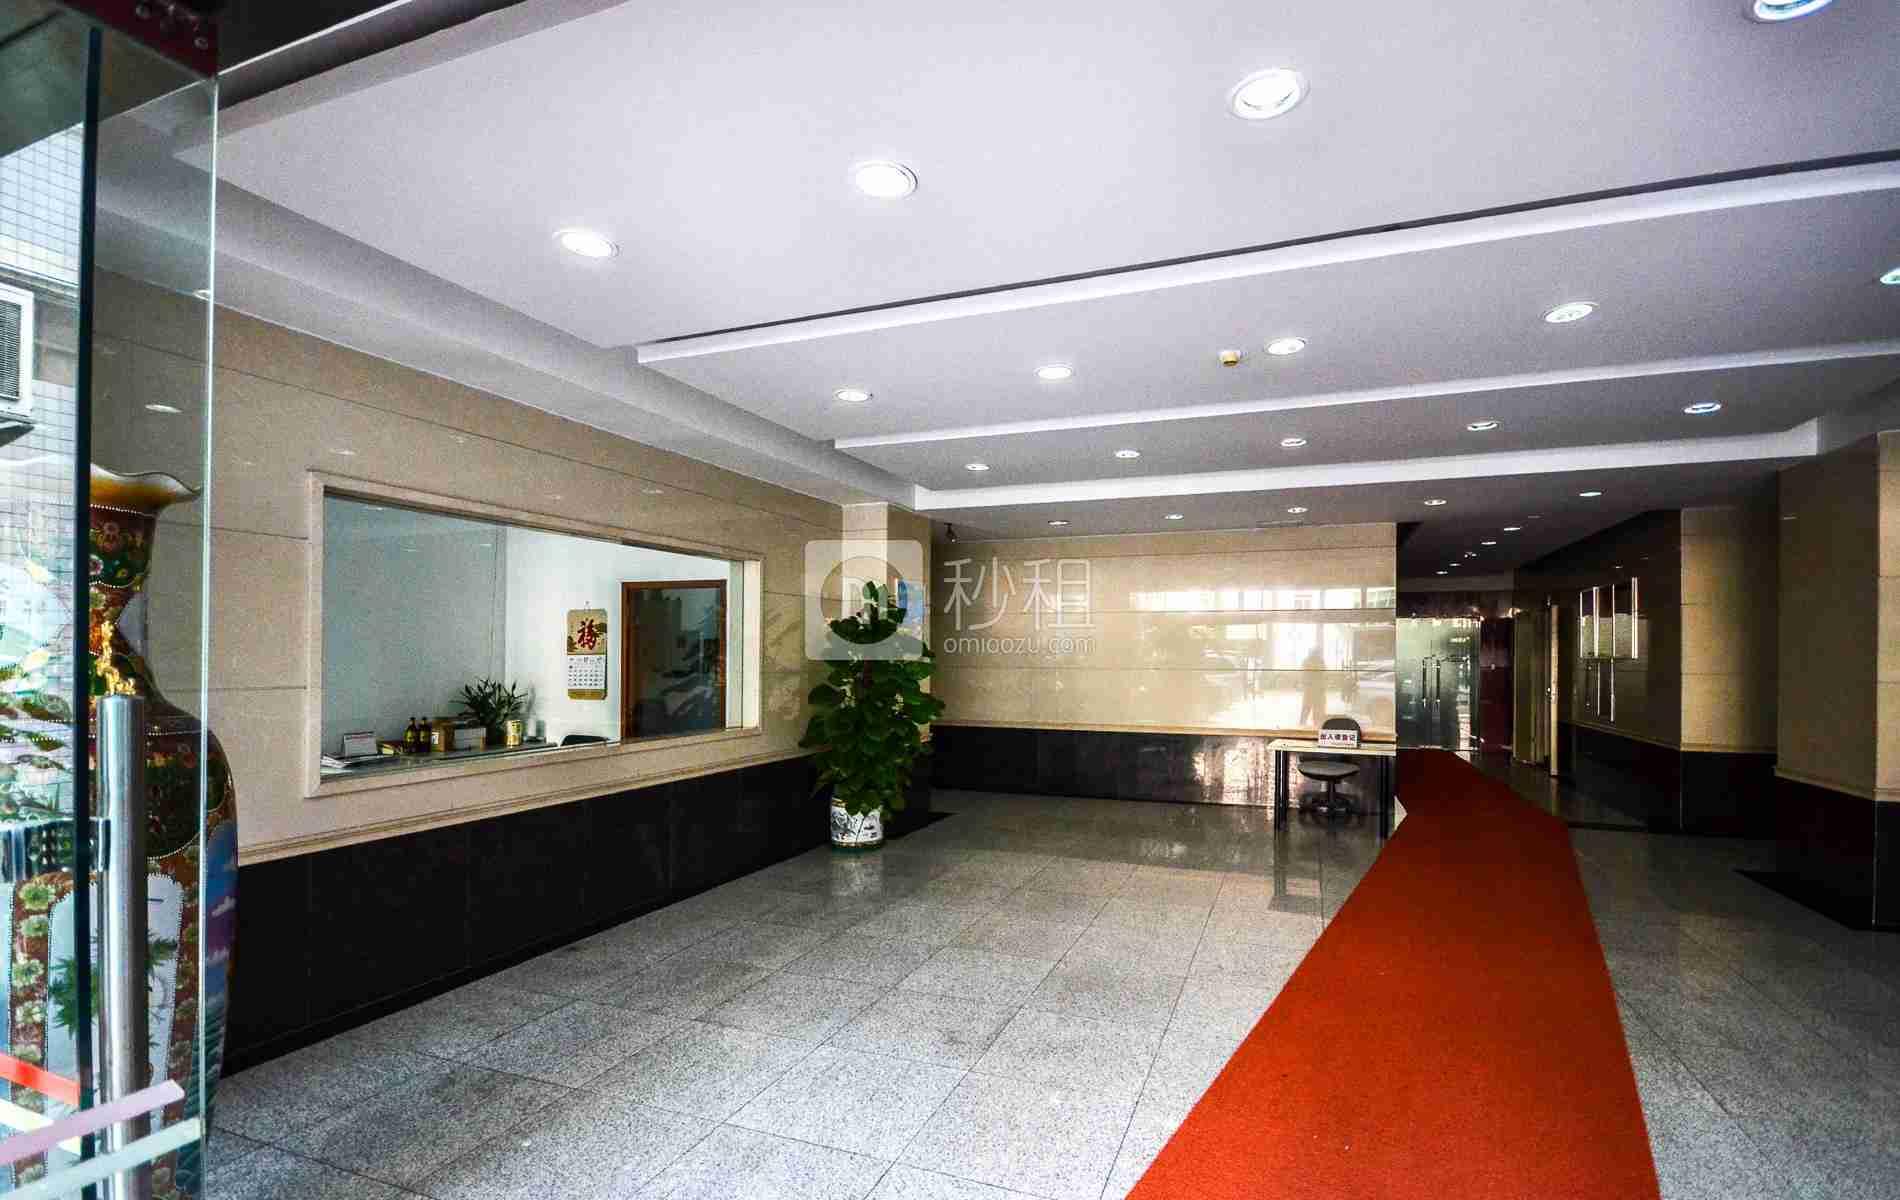 科达商务大厦写字楼出租/招租/租赁,科达商务大厦办公室出租/招租/租赁